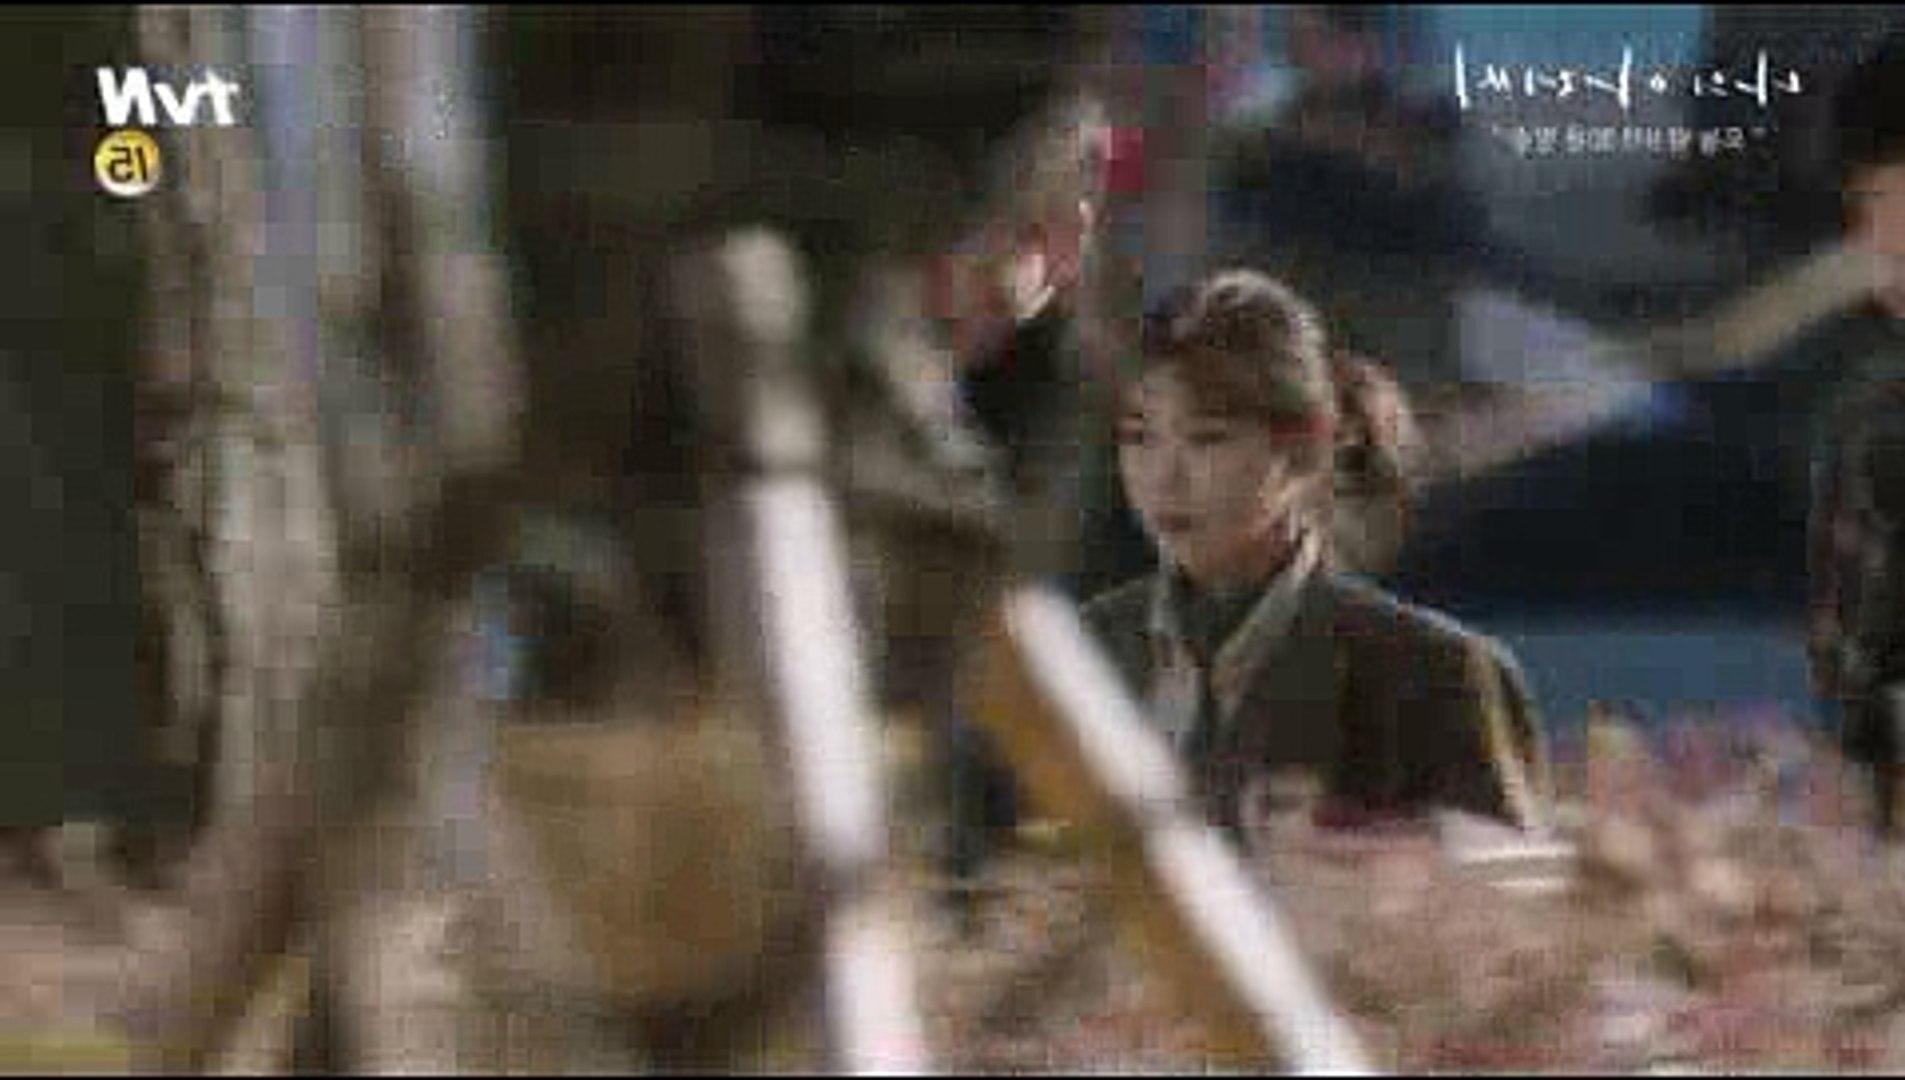 tvN-나의 아저씨 2회 다시보기 2화 3월22일 나의아저씨 E02 다시보기 재방송